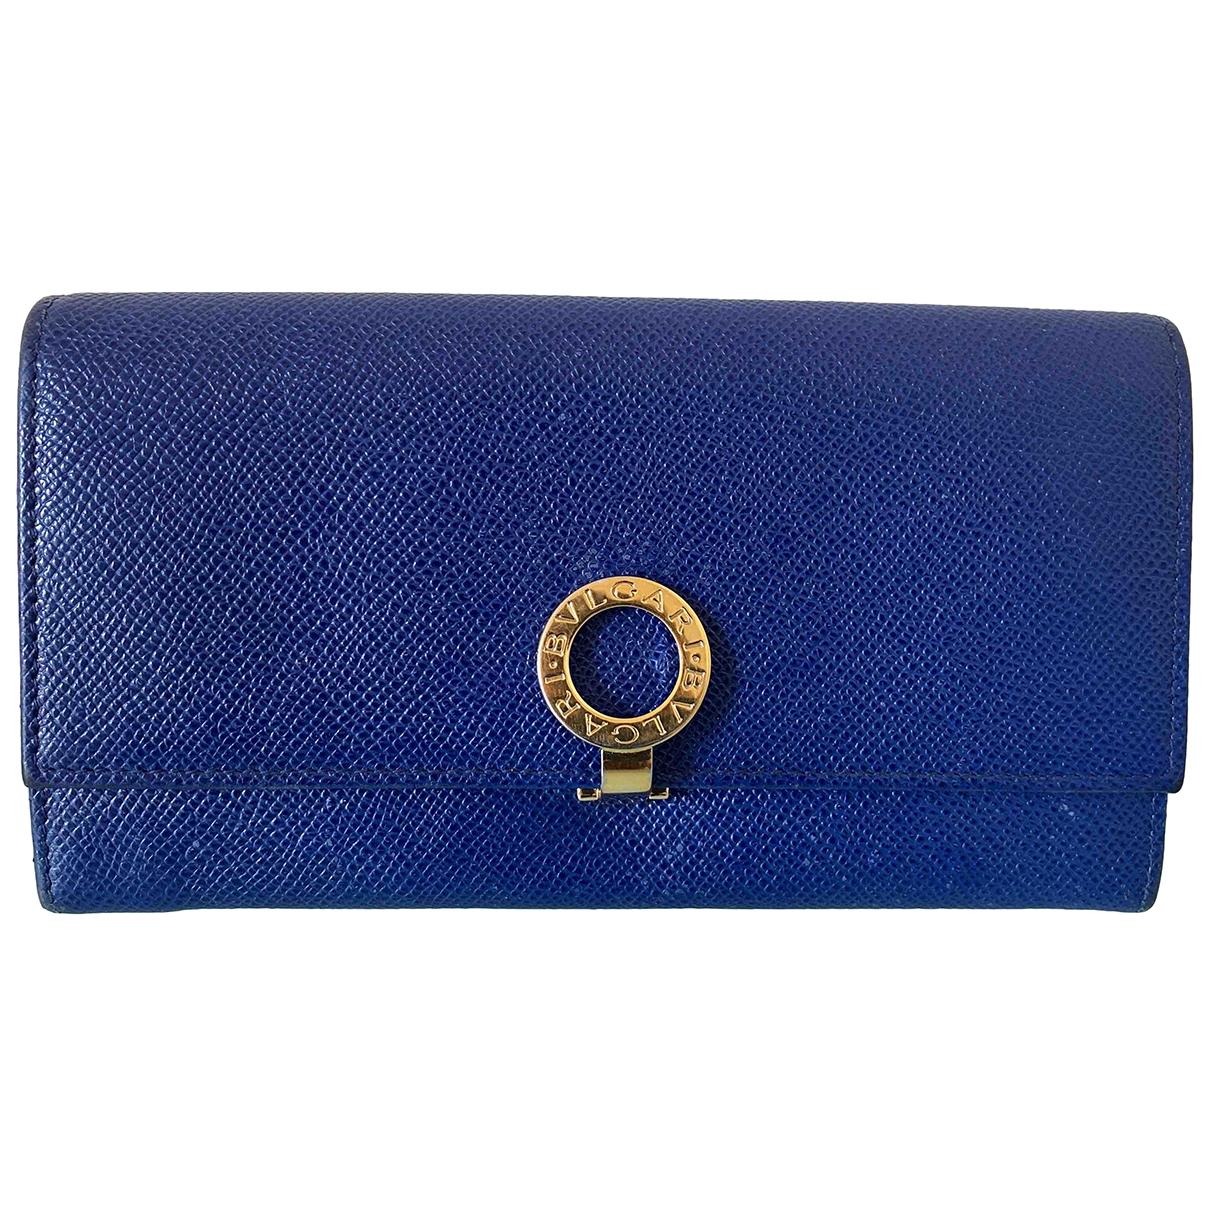 Bvlgari - Portefeuille   pour femme en cuir - bleu